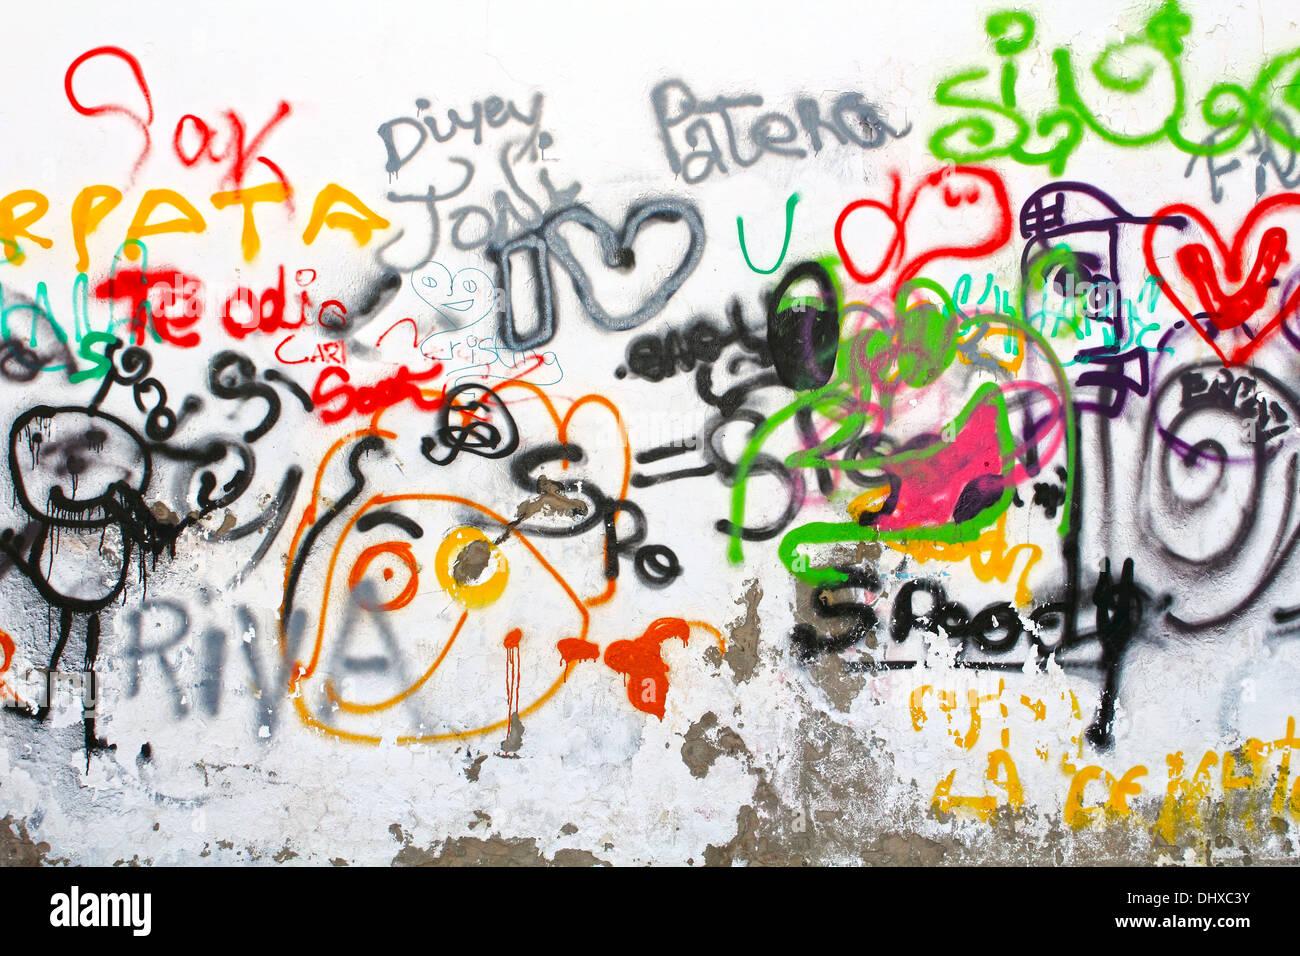 Graffiti wall clipart - Colorful Graffiti On A White Wall Stock Image